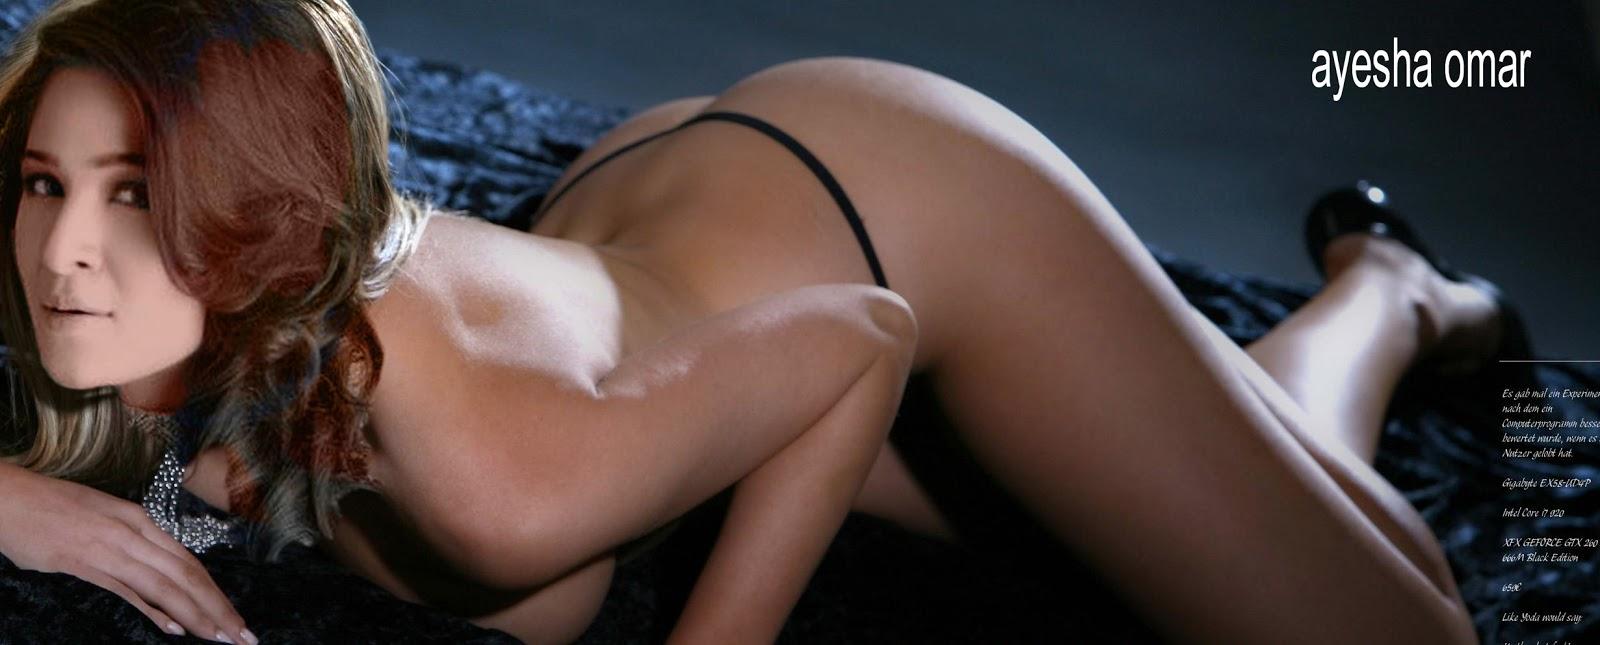 ayesha-fucking-nude-age-model-pussy-pics